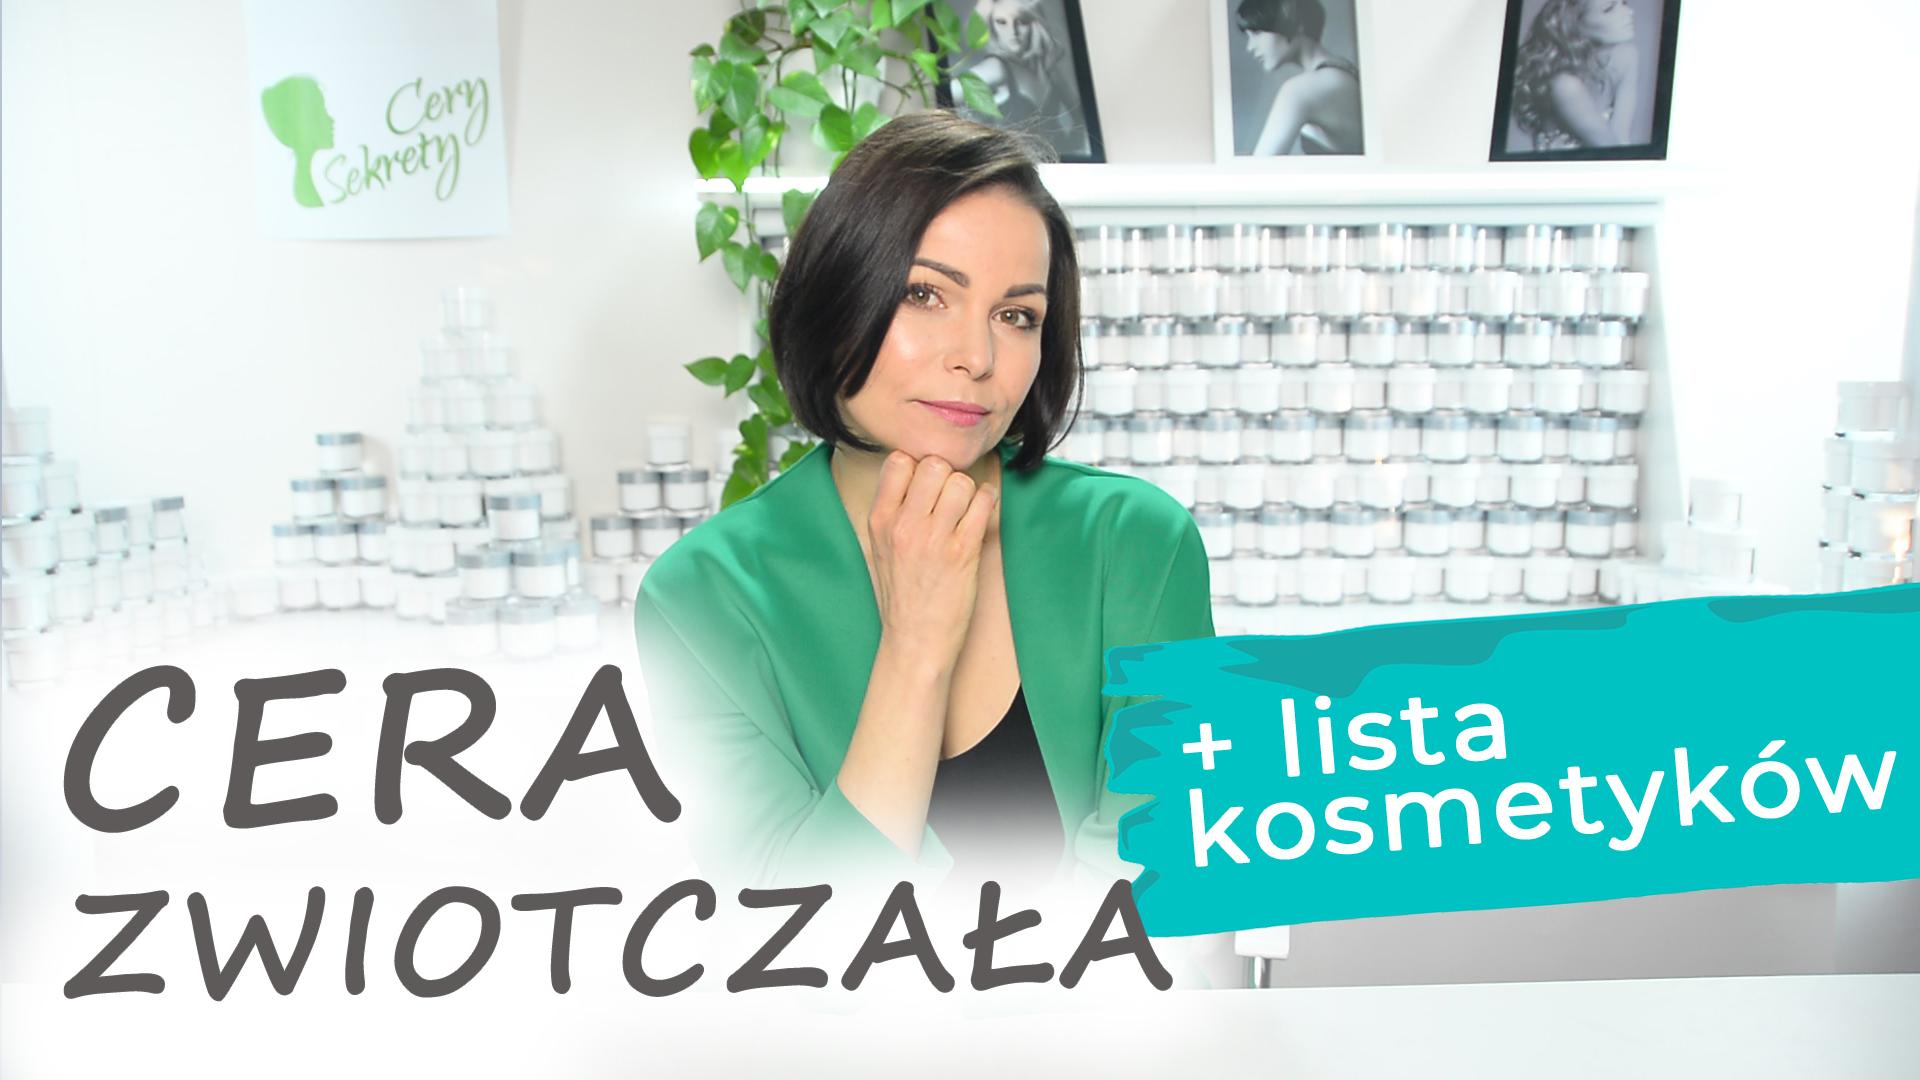 Cera zwiotczała: Pielęgnacja, zabiegi profesjonalne, lista kosmetyków